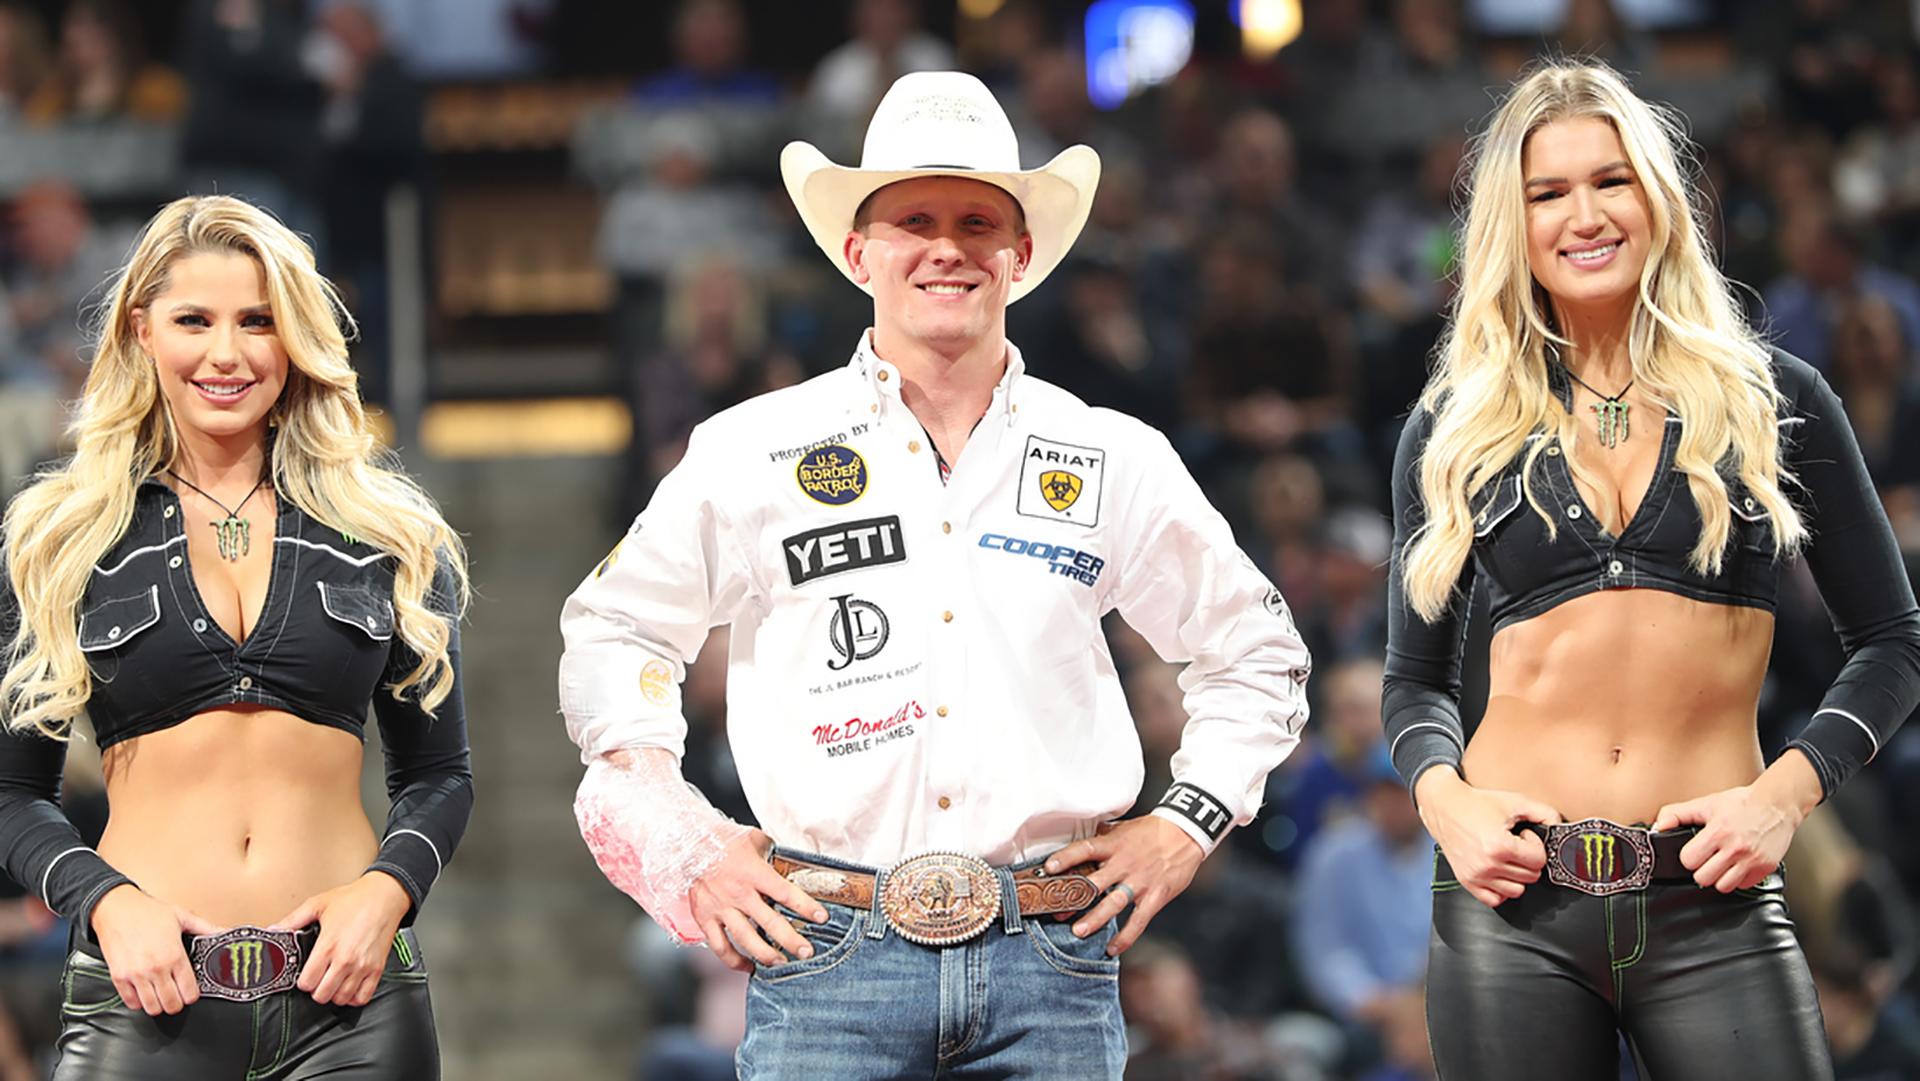 Davis wins Round 1 in Sioux Falls